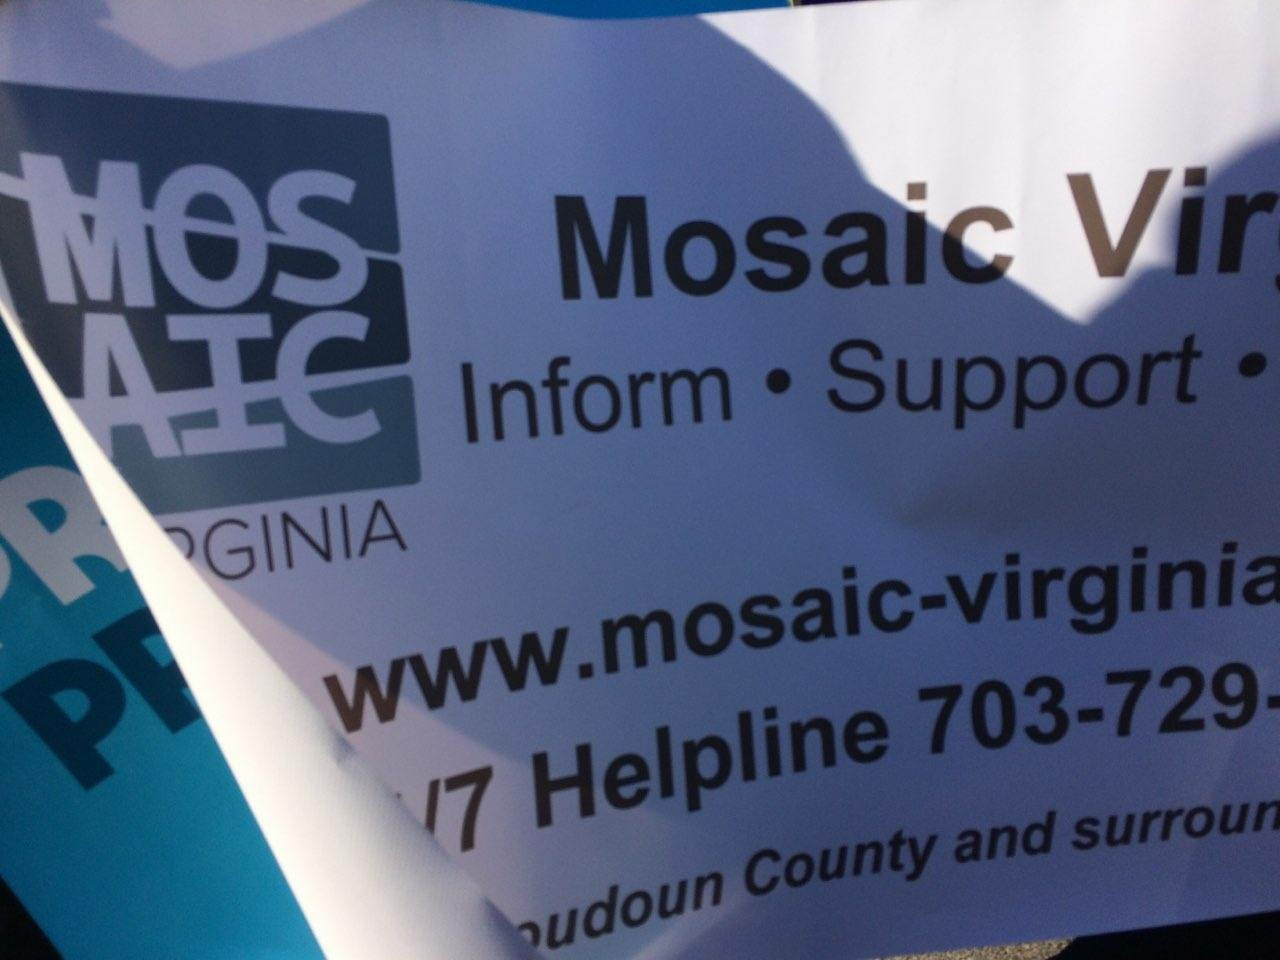 Mosaic-Virginia.org